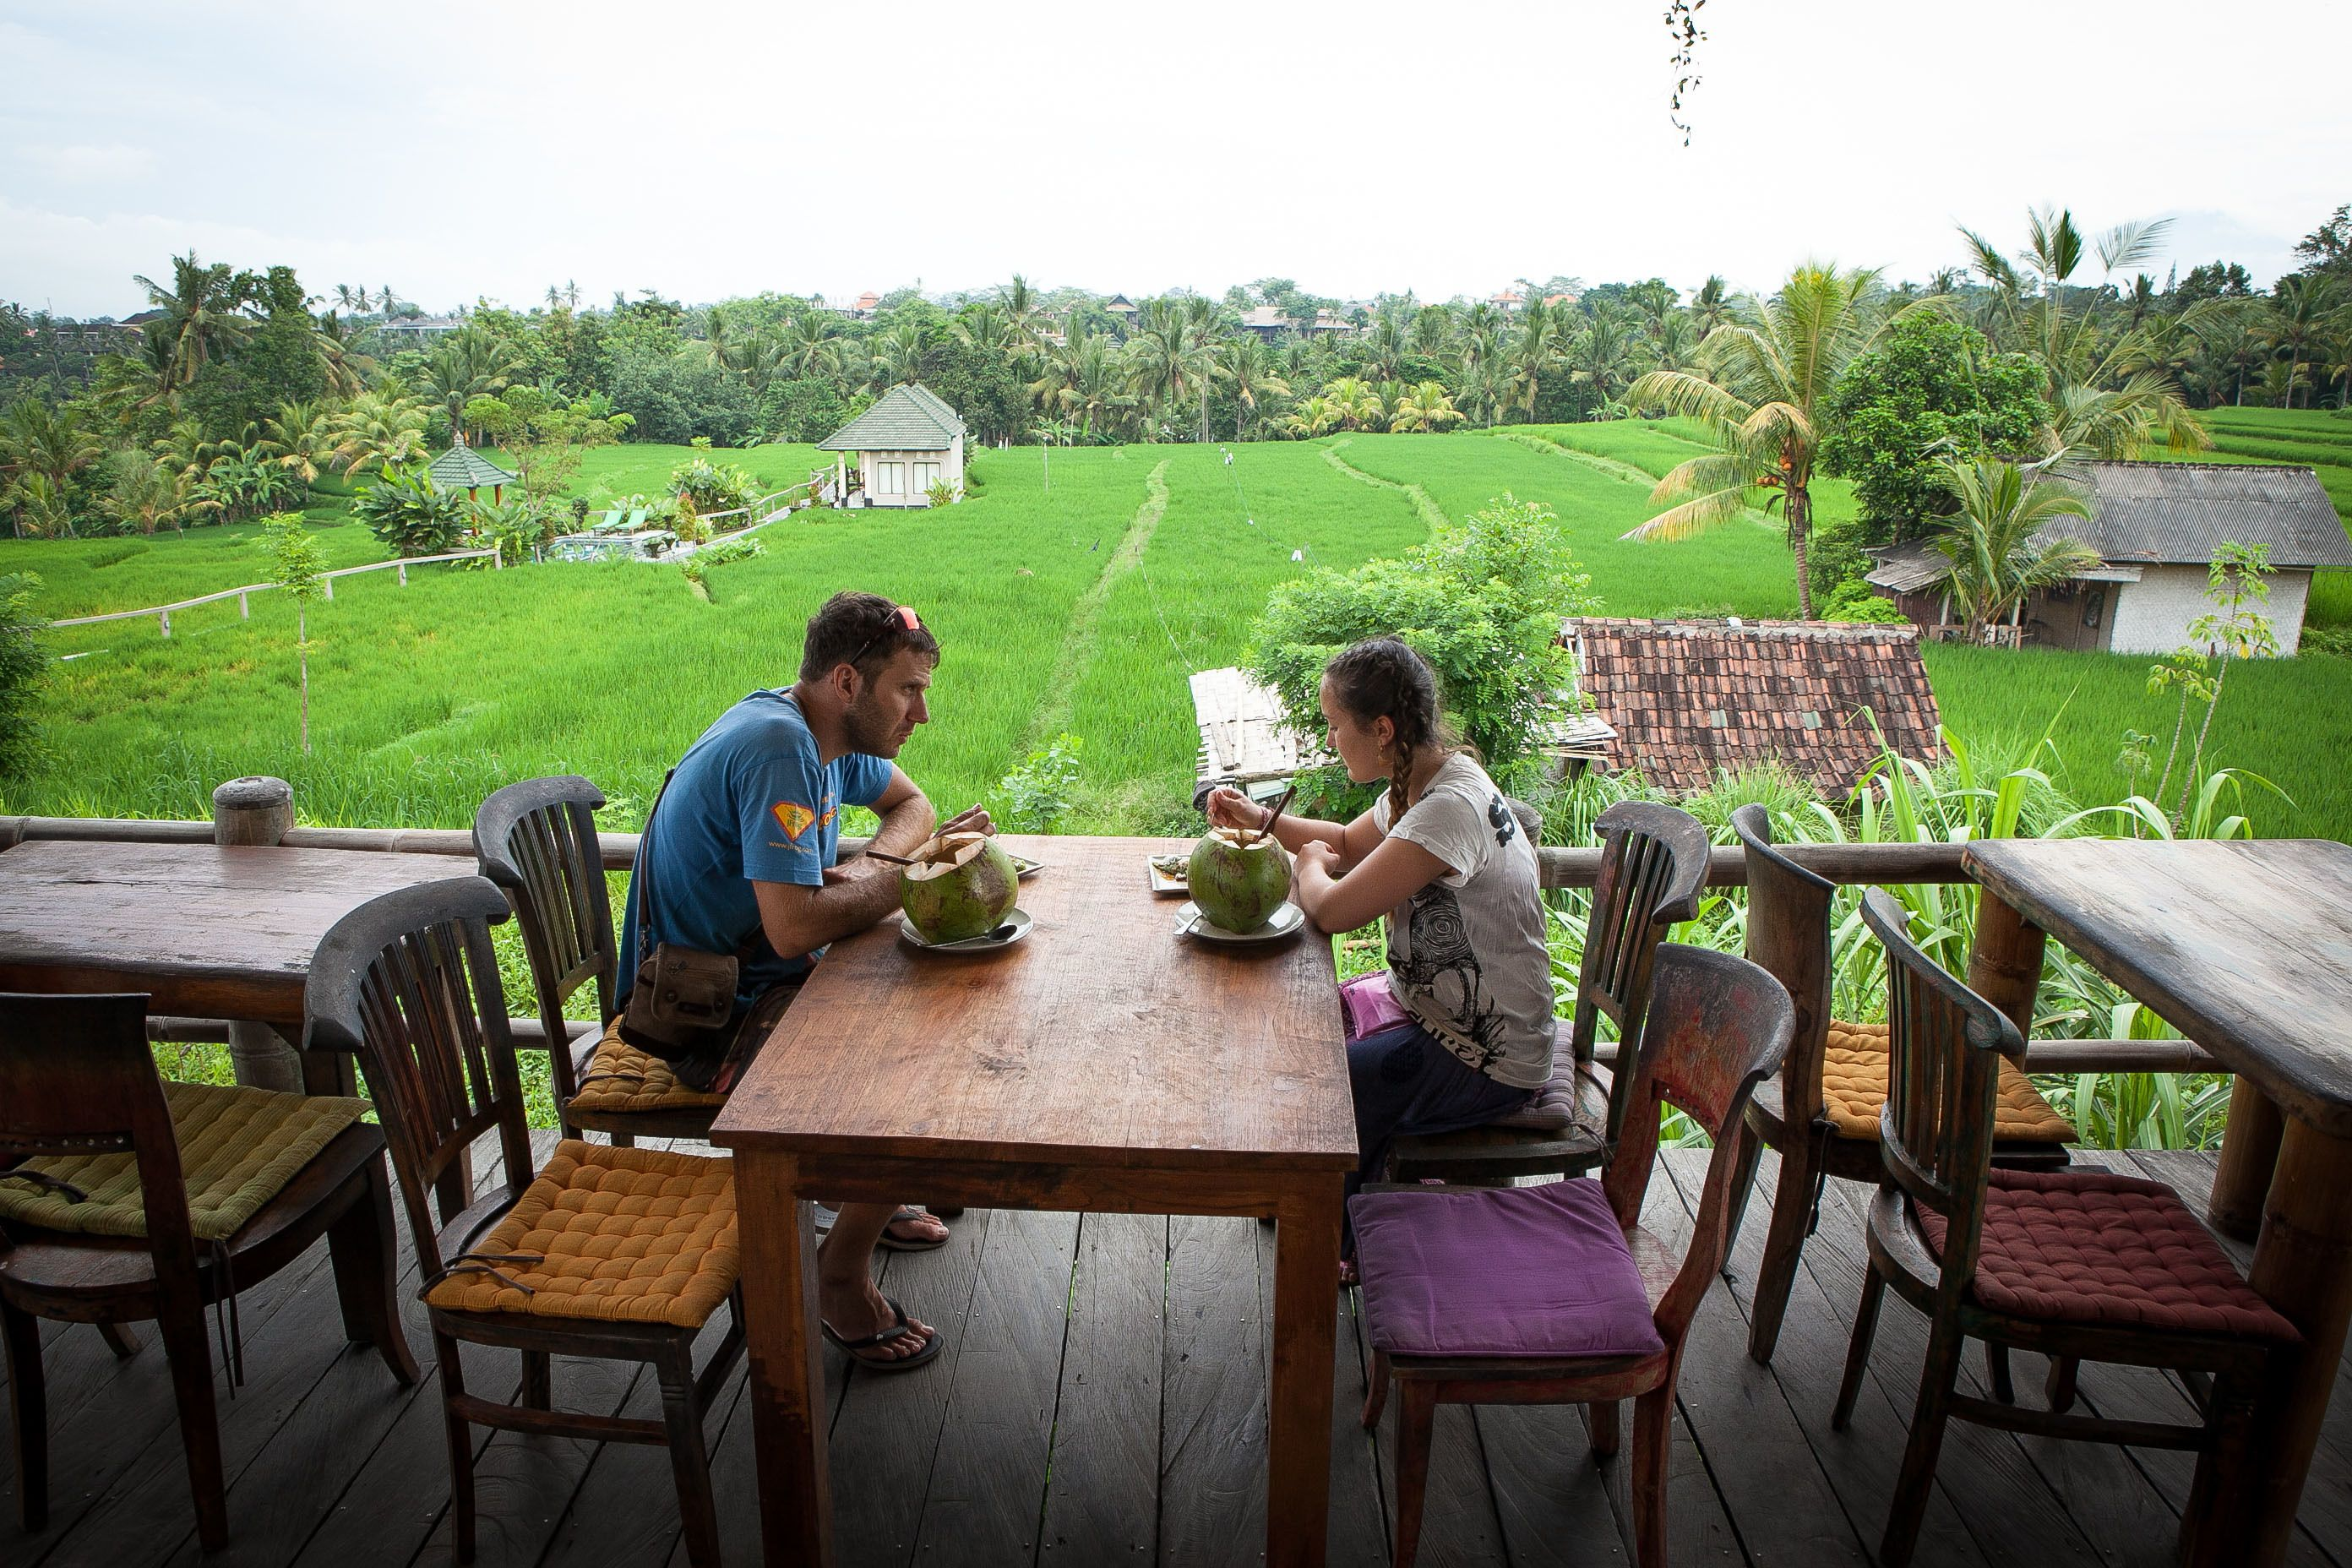 ubud heritage food tour13.jpg